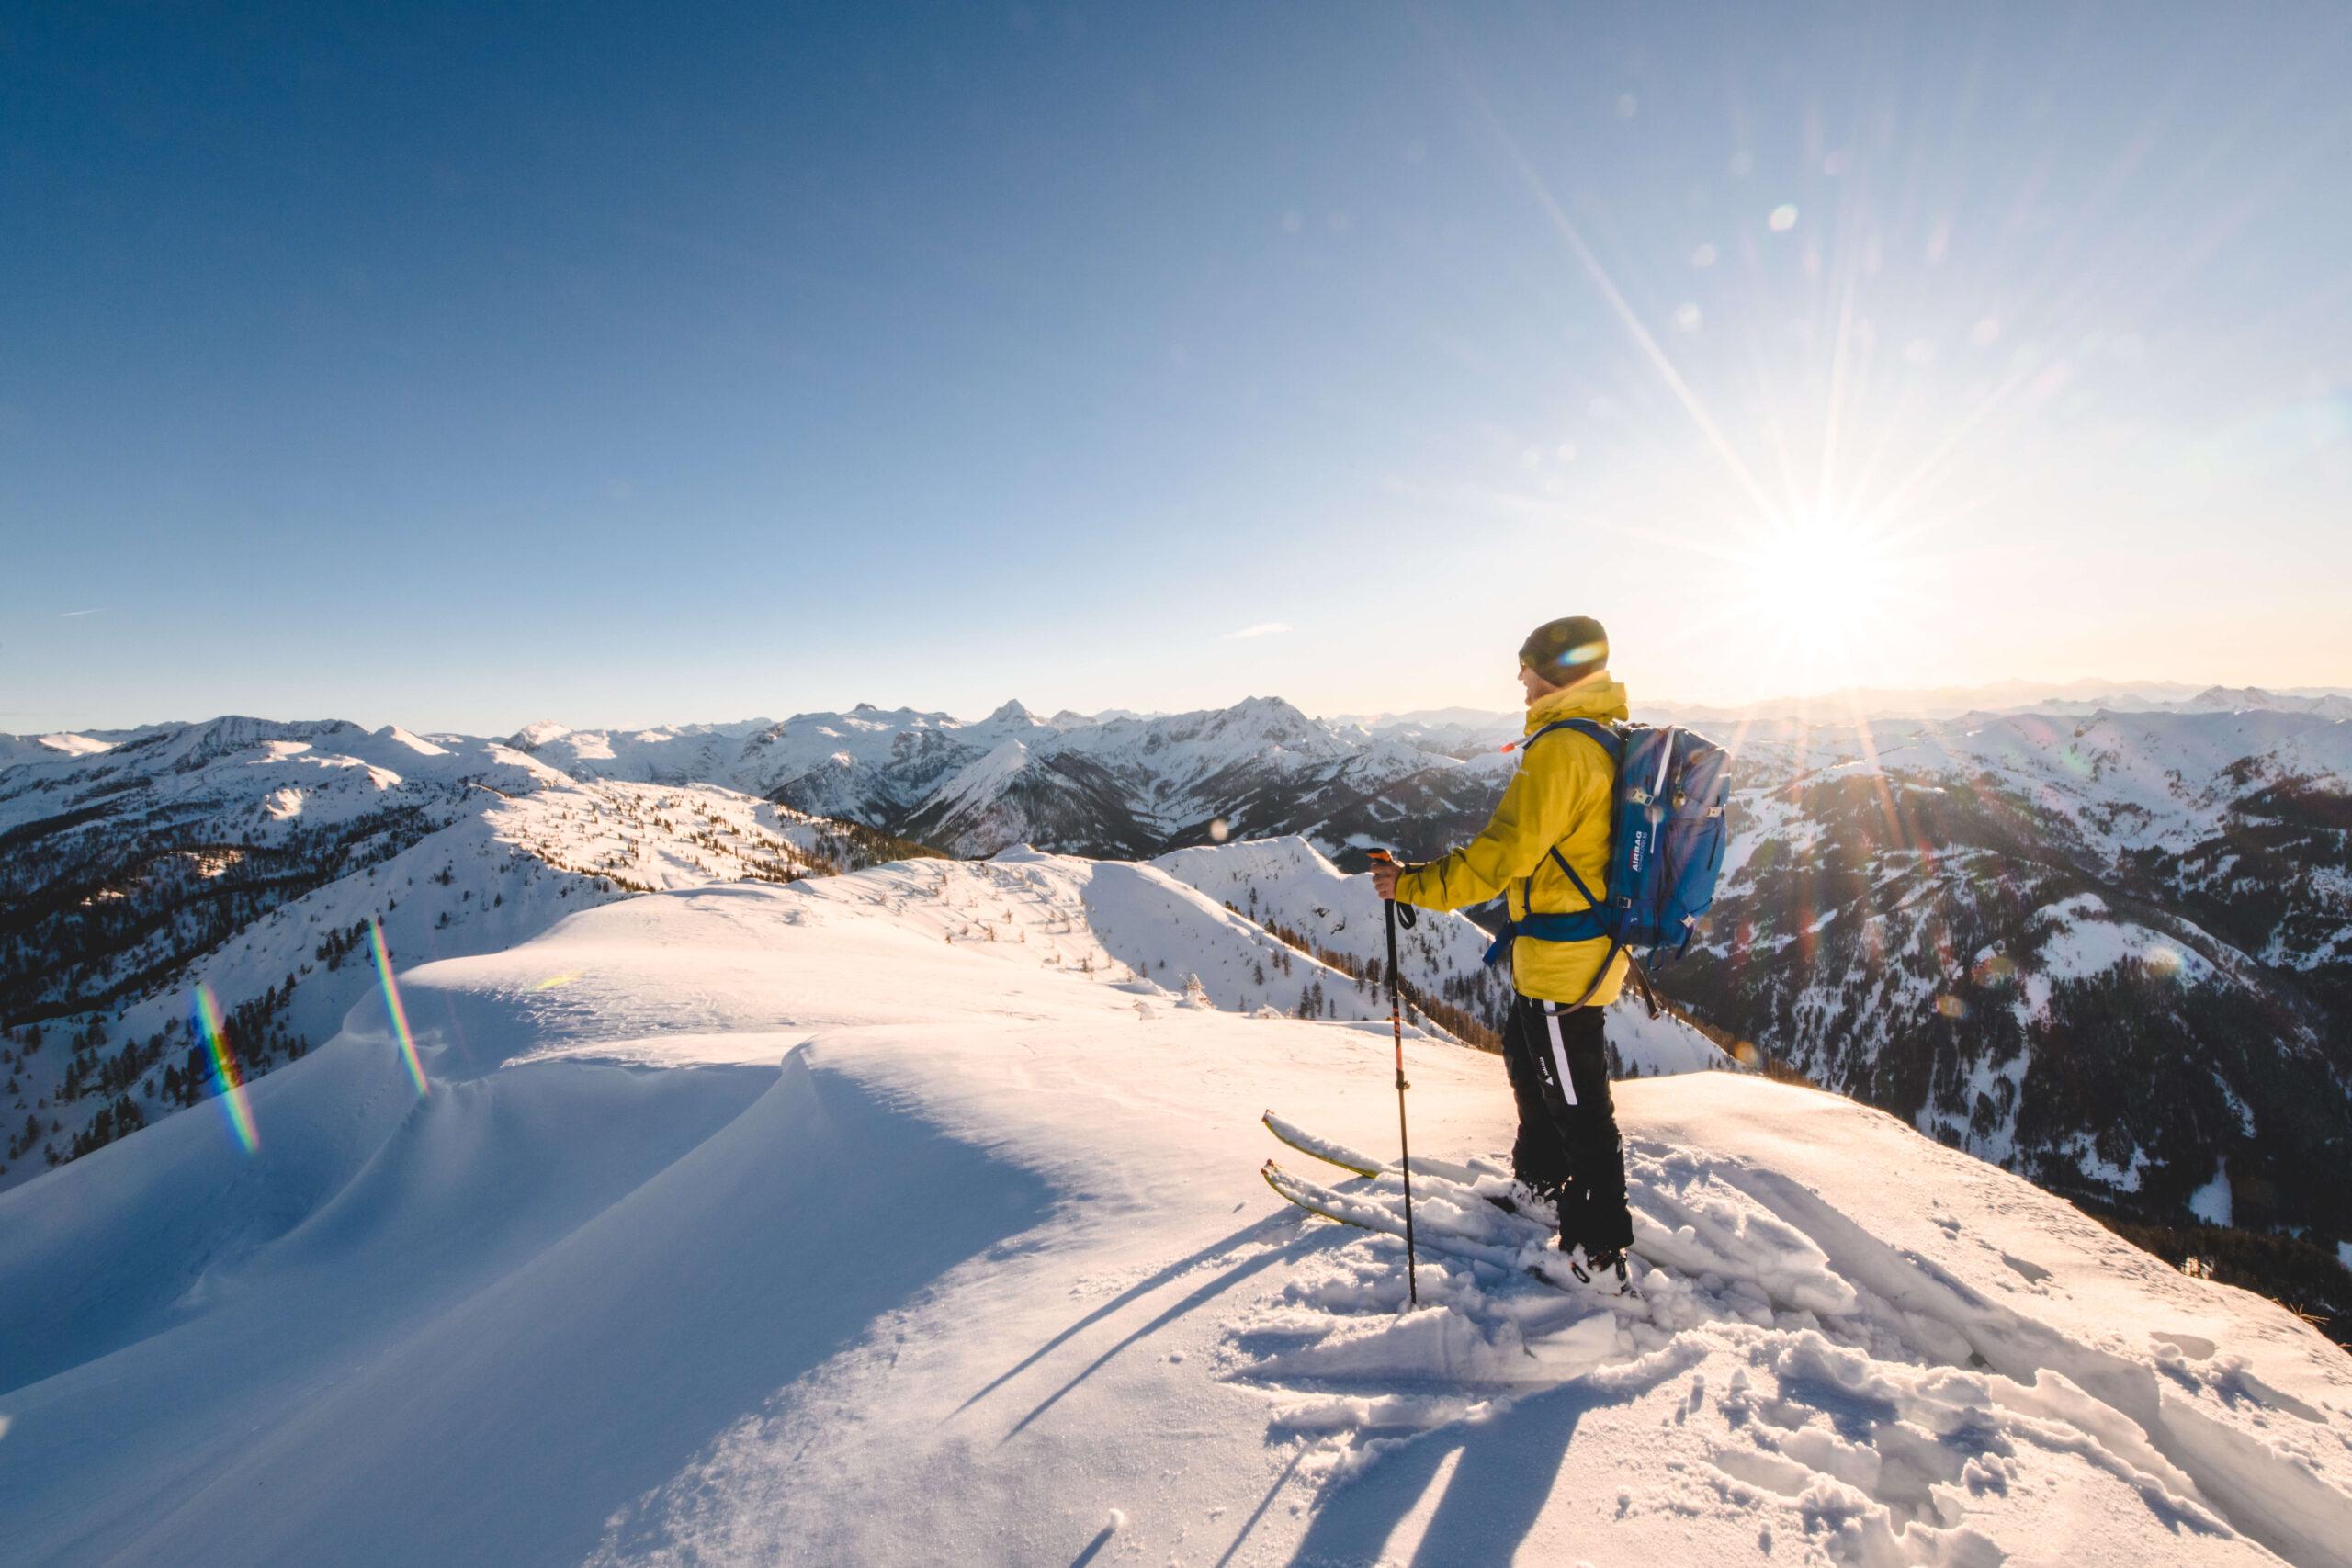 Skitourengeher in der Salzburger Sportwelt